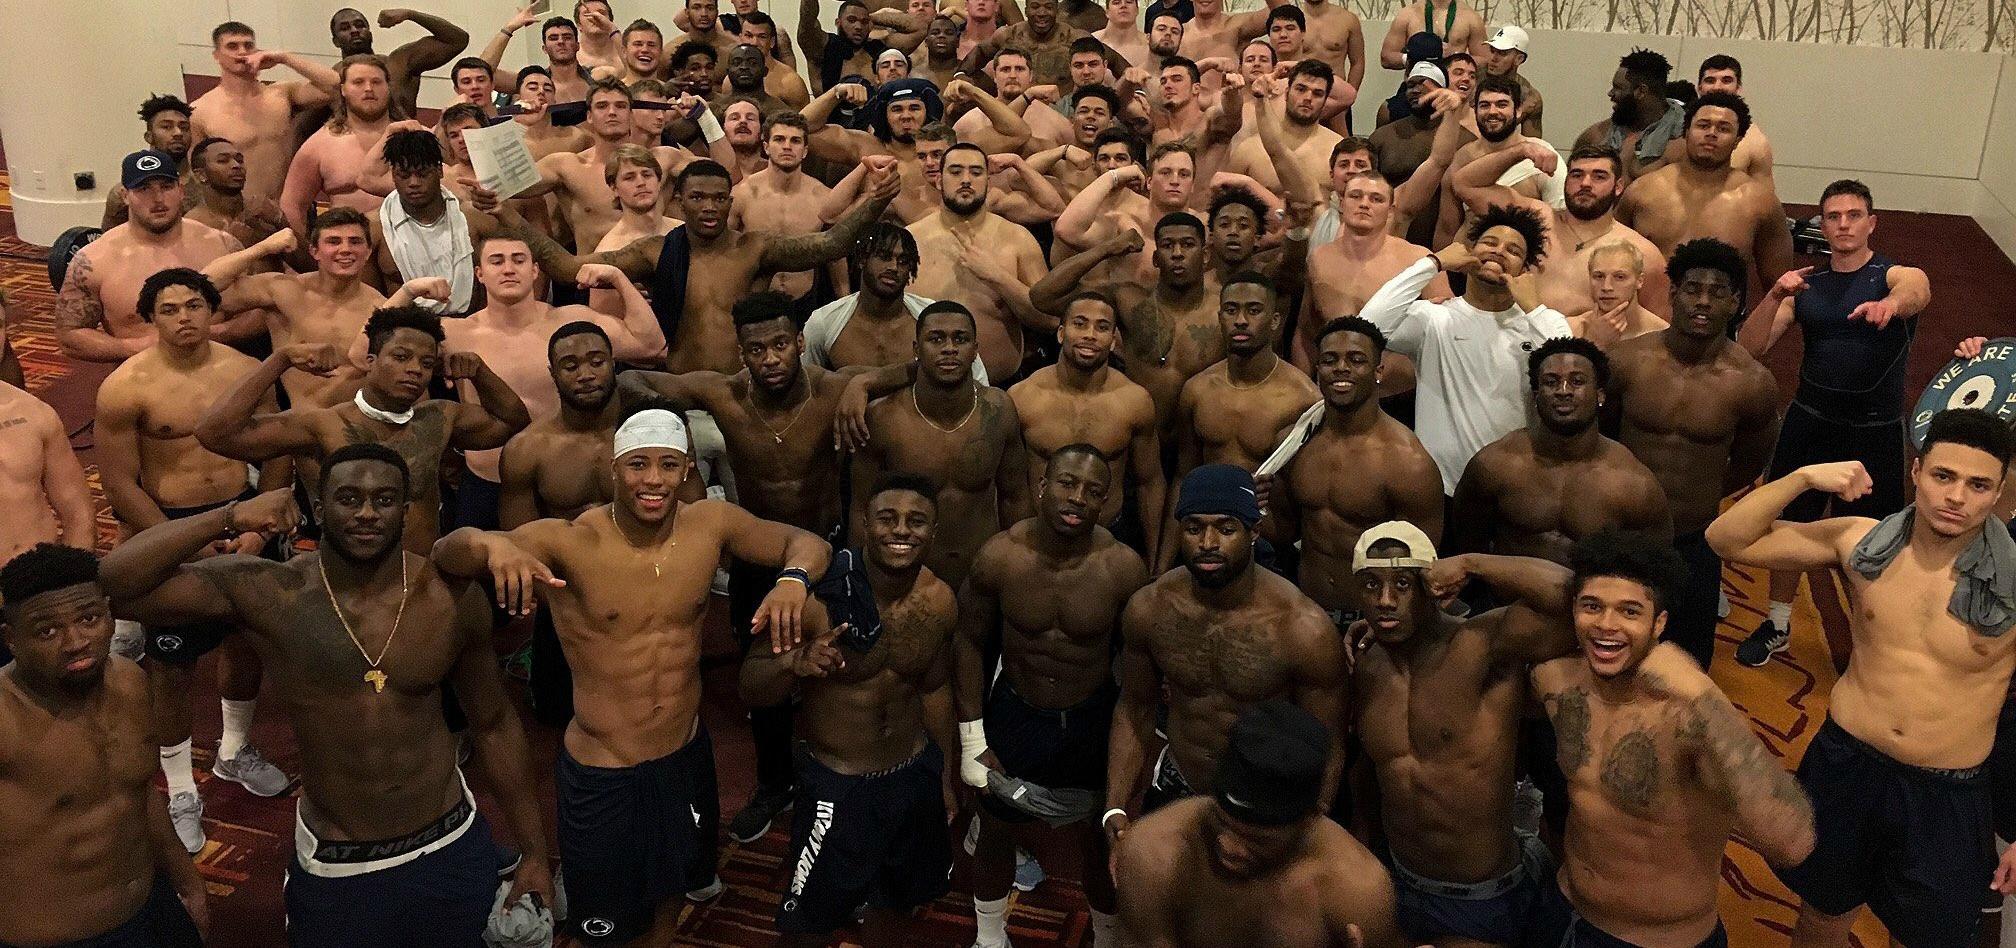 Shirtless Penn State